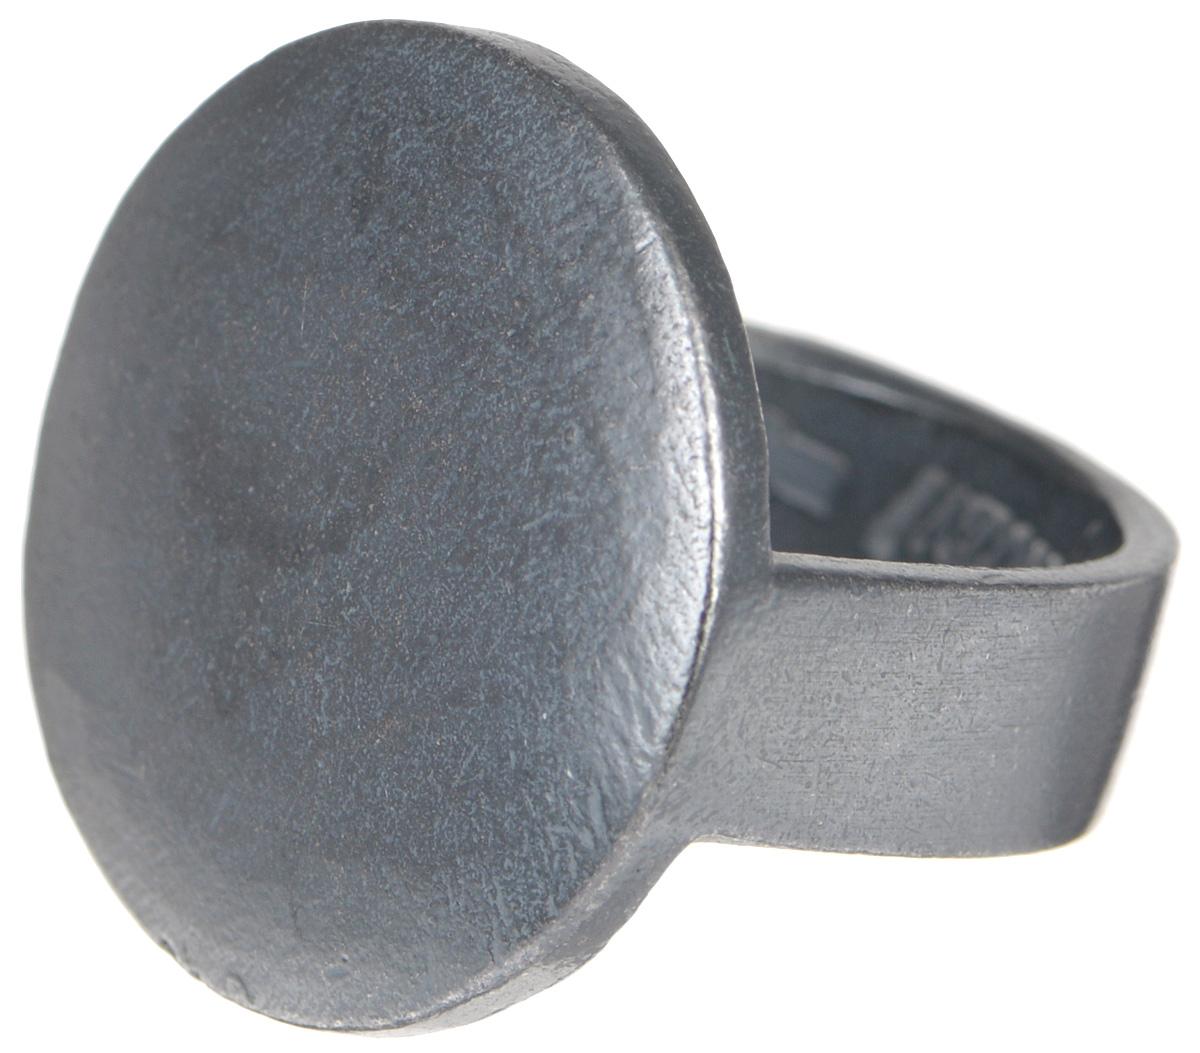 Jenavi, Коллекция Mona, Сотиле (Кольцо), размер - 18. k479o090k479o090Коллекция Mona, Сотиле (Кольцо) гипоаллергенный ювелирный сплав,Оксид черный, вставка без вставок, цвет - , , размер - 18